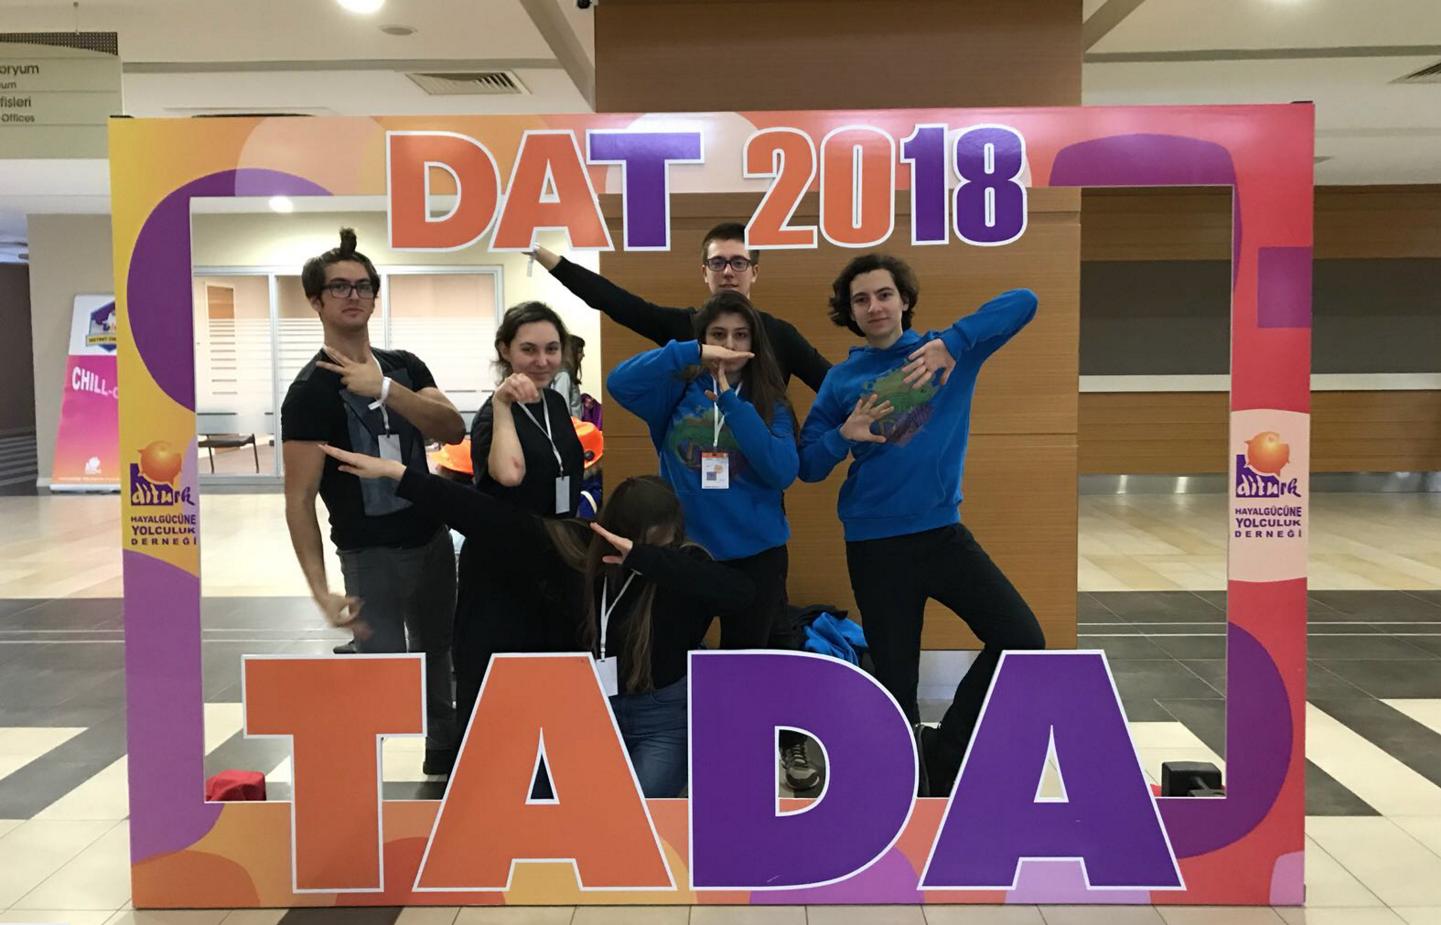 TEVİTÖL, DAT'ta dünya finalleri'ne katılmaya hak kazandı